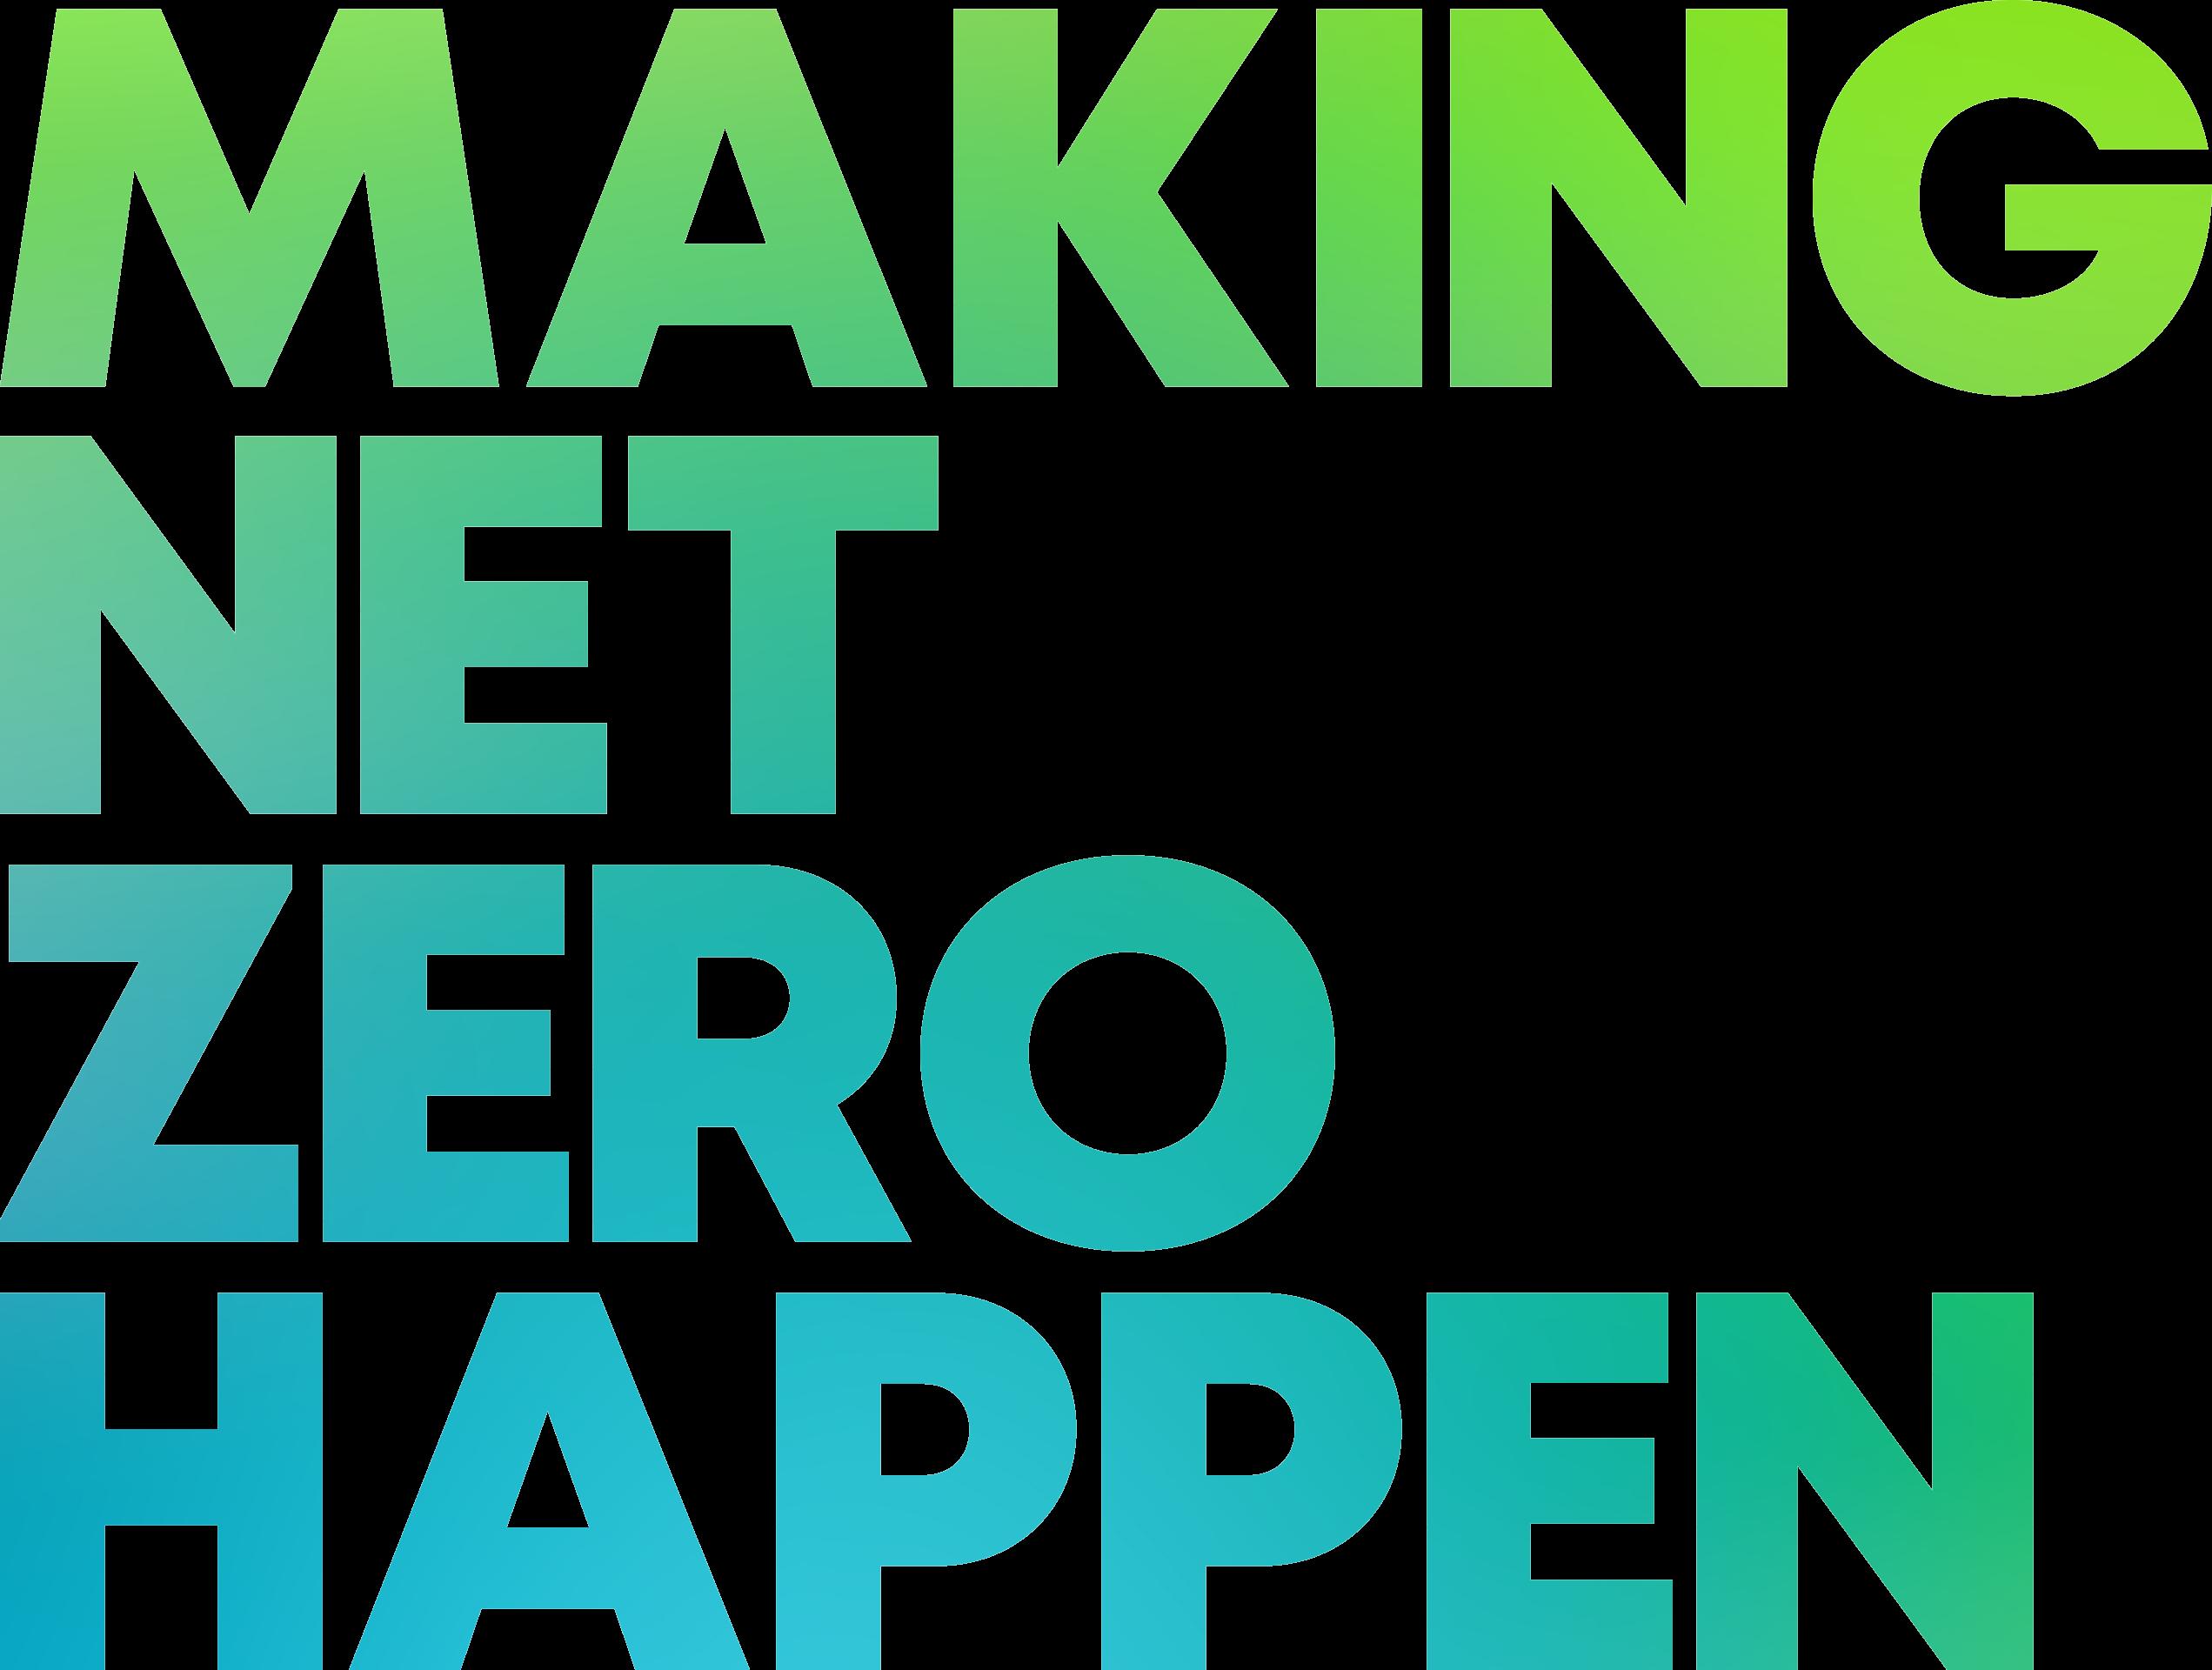 Clearworld - Making Net Zero Happen